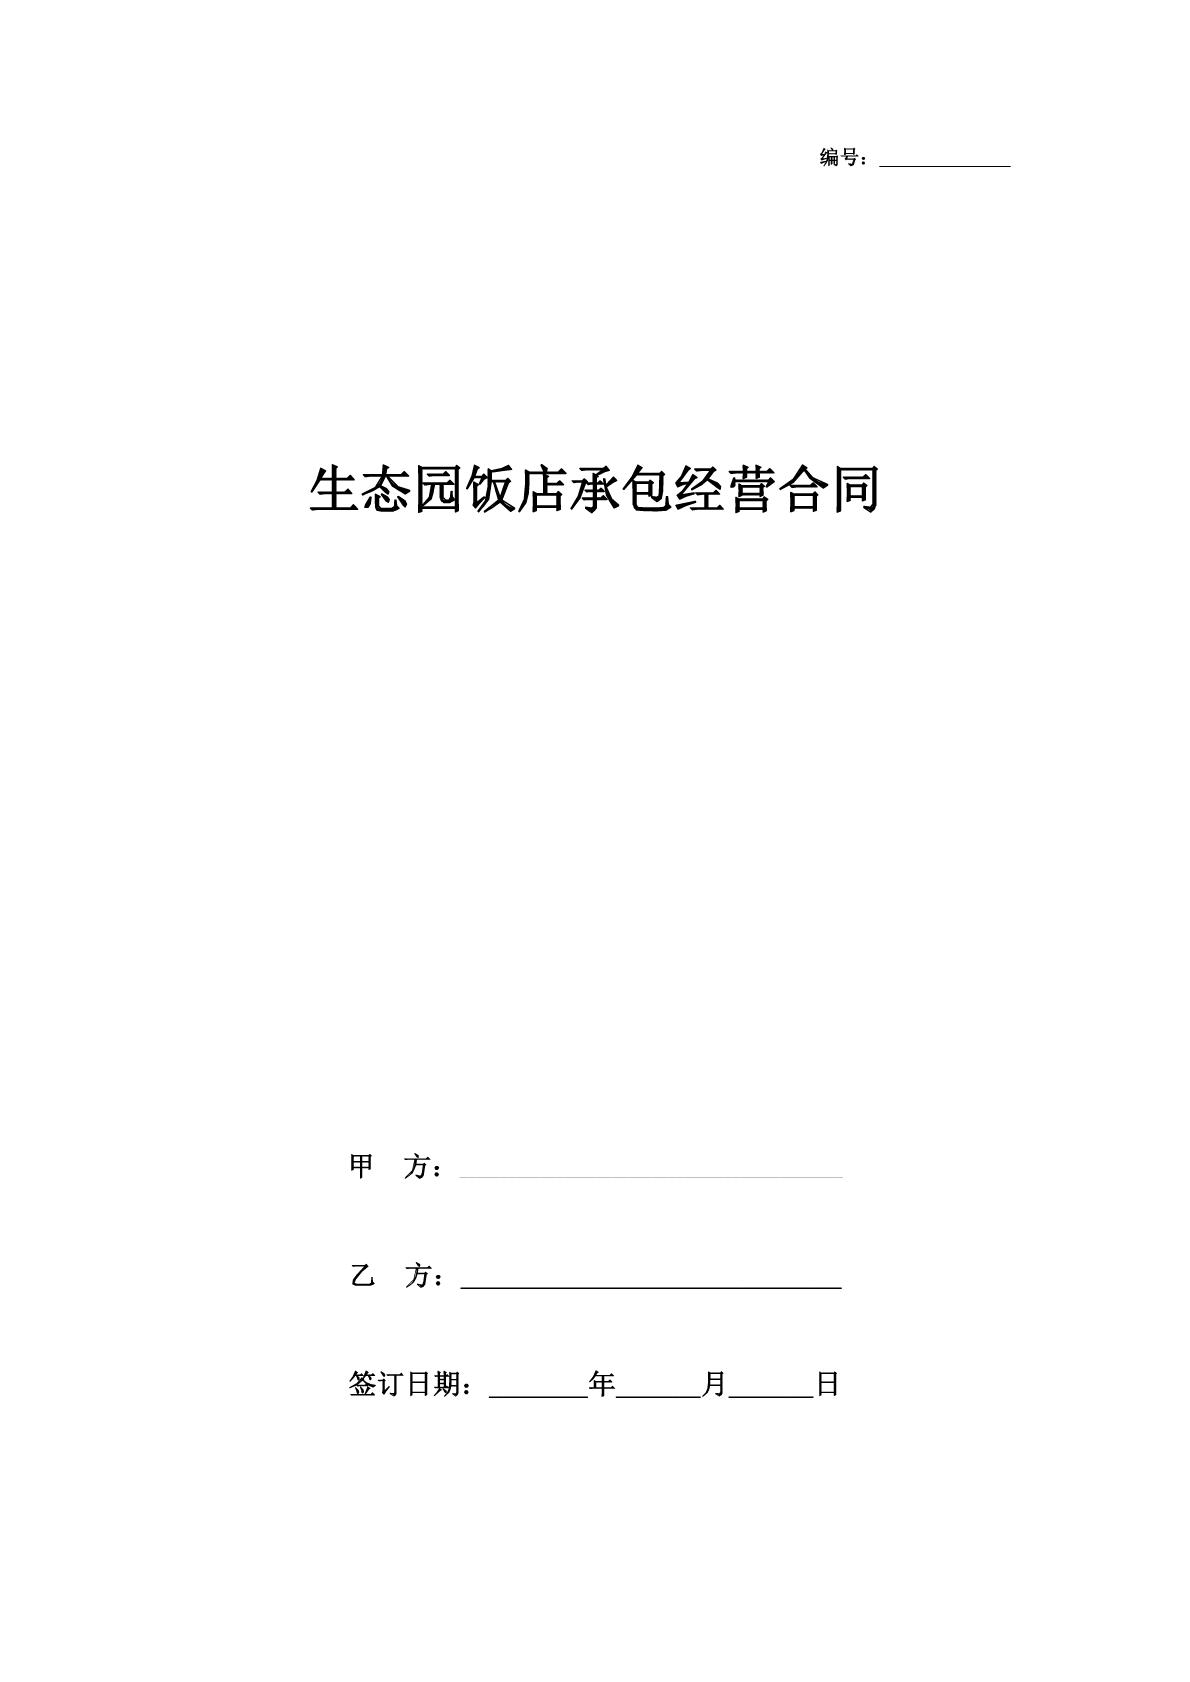 生态园饭店承包经营合同协议书范本